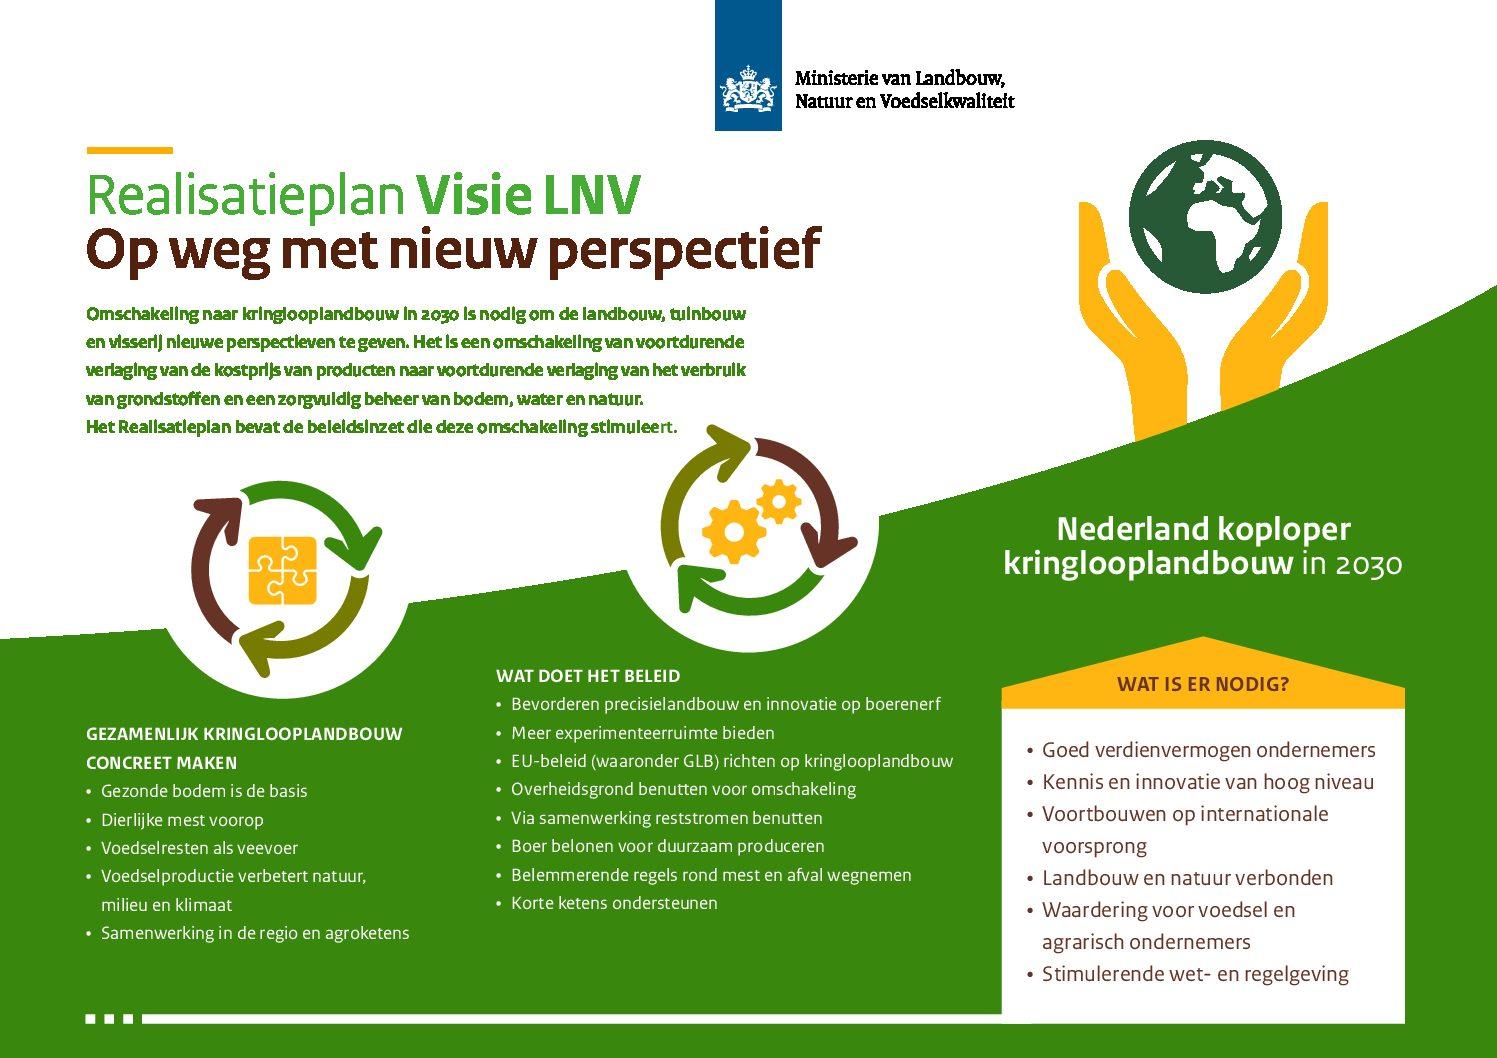 Realisatieplan Visie LNV: Op weg met nieuw perspectief